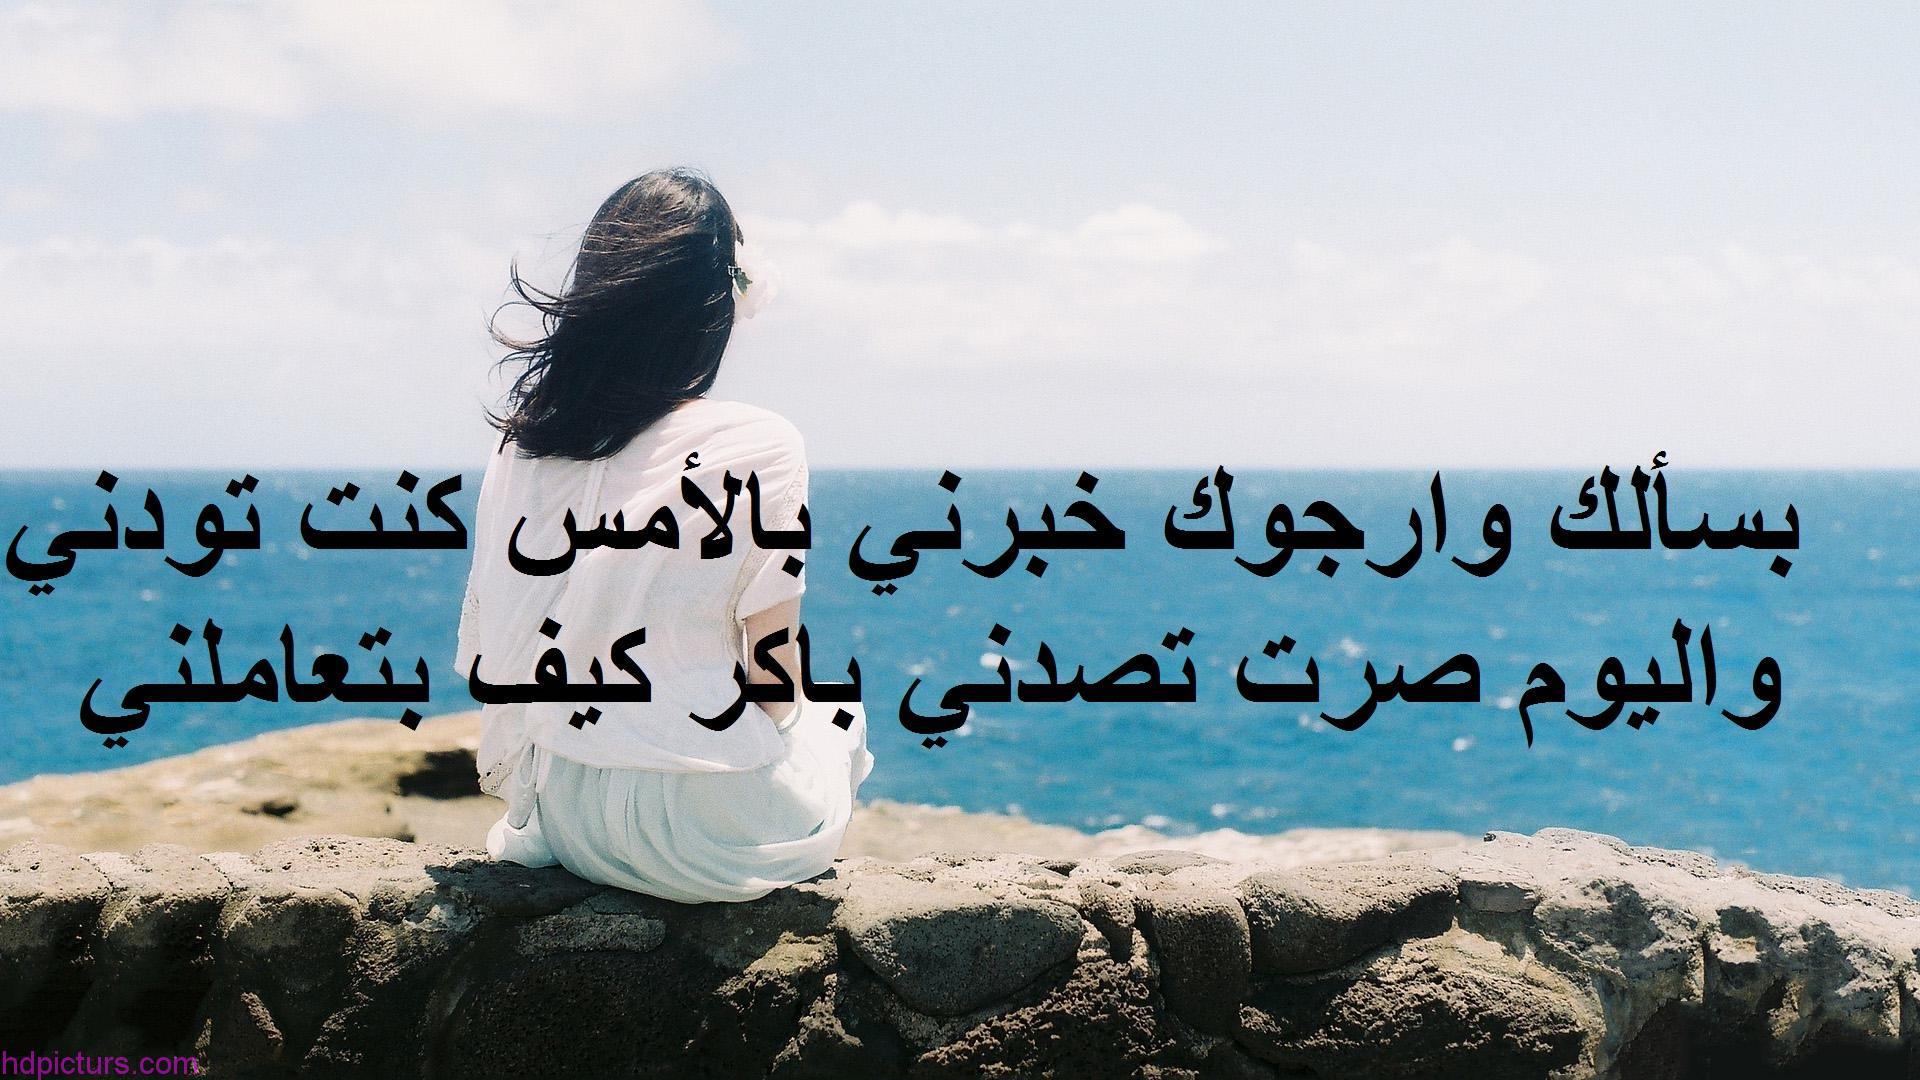 بالصور صور فراق حزينه , كلمات عن الفراق 3475 9